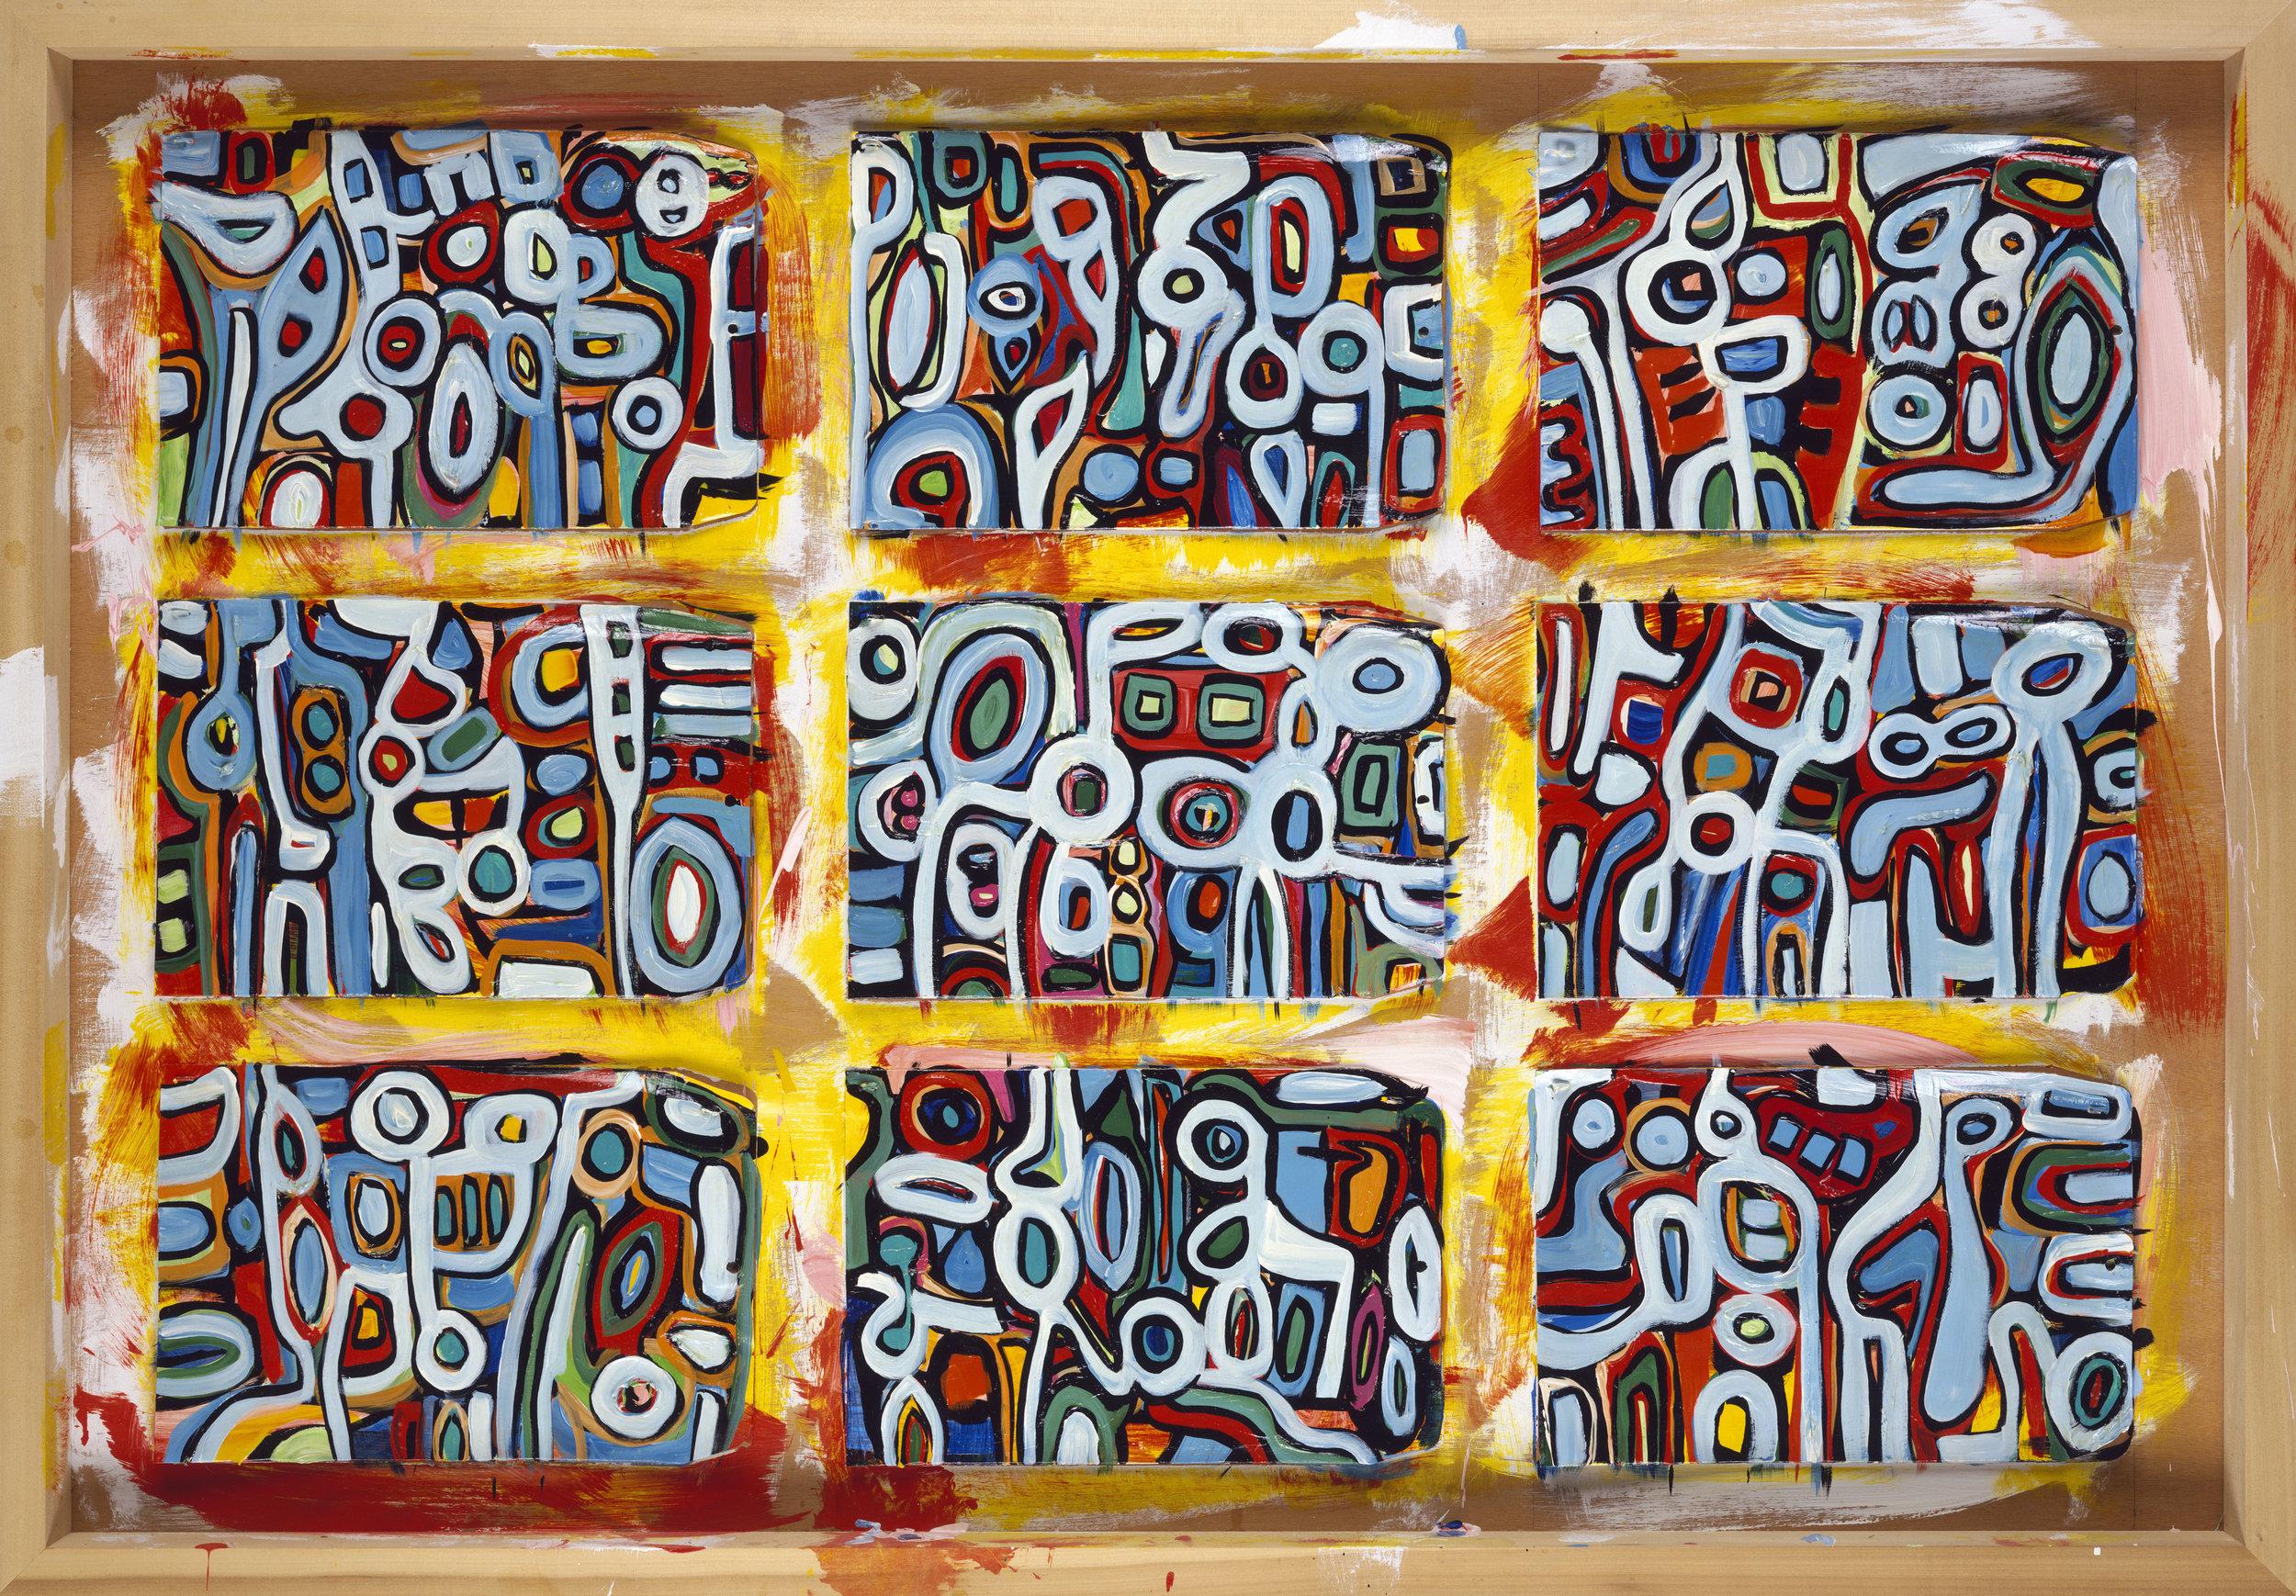 Workboard # 9, 2000